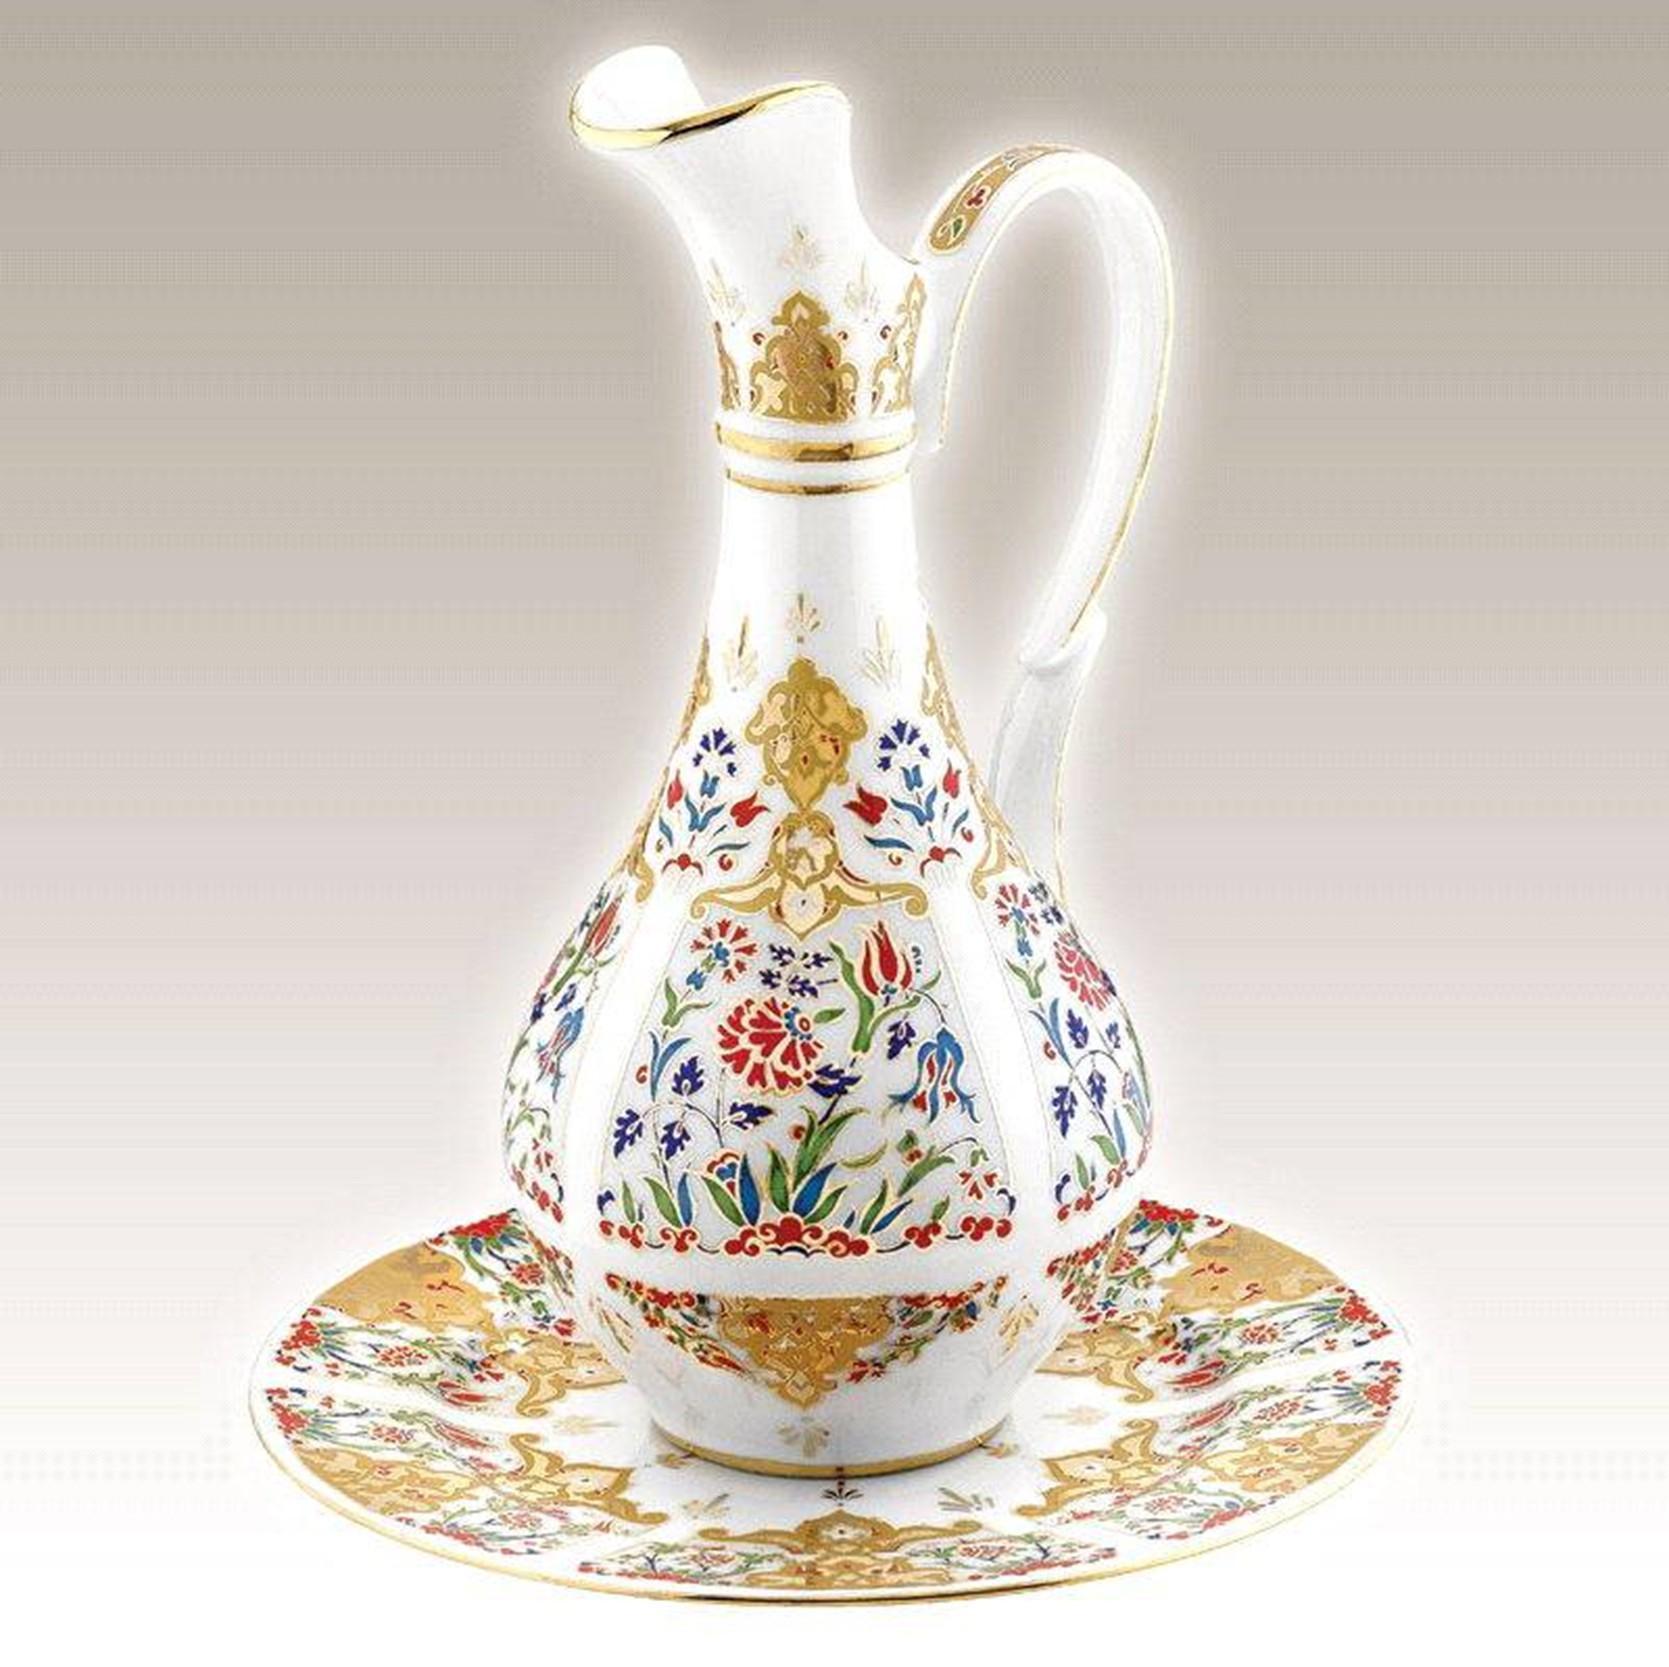 Kutahya Porselen PL02ST01412 Hand Made Antique Carafe